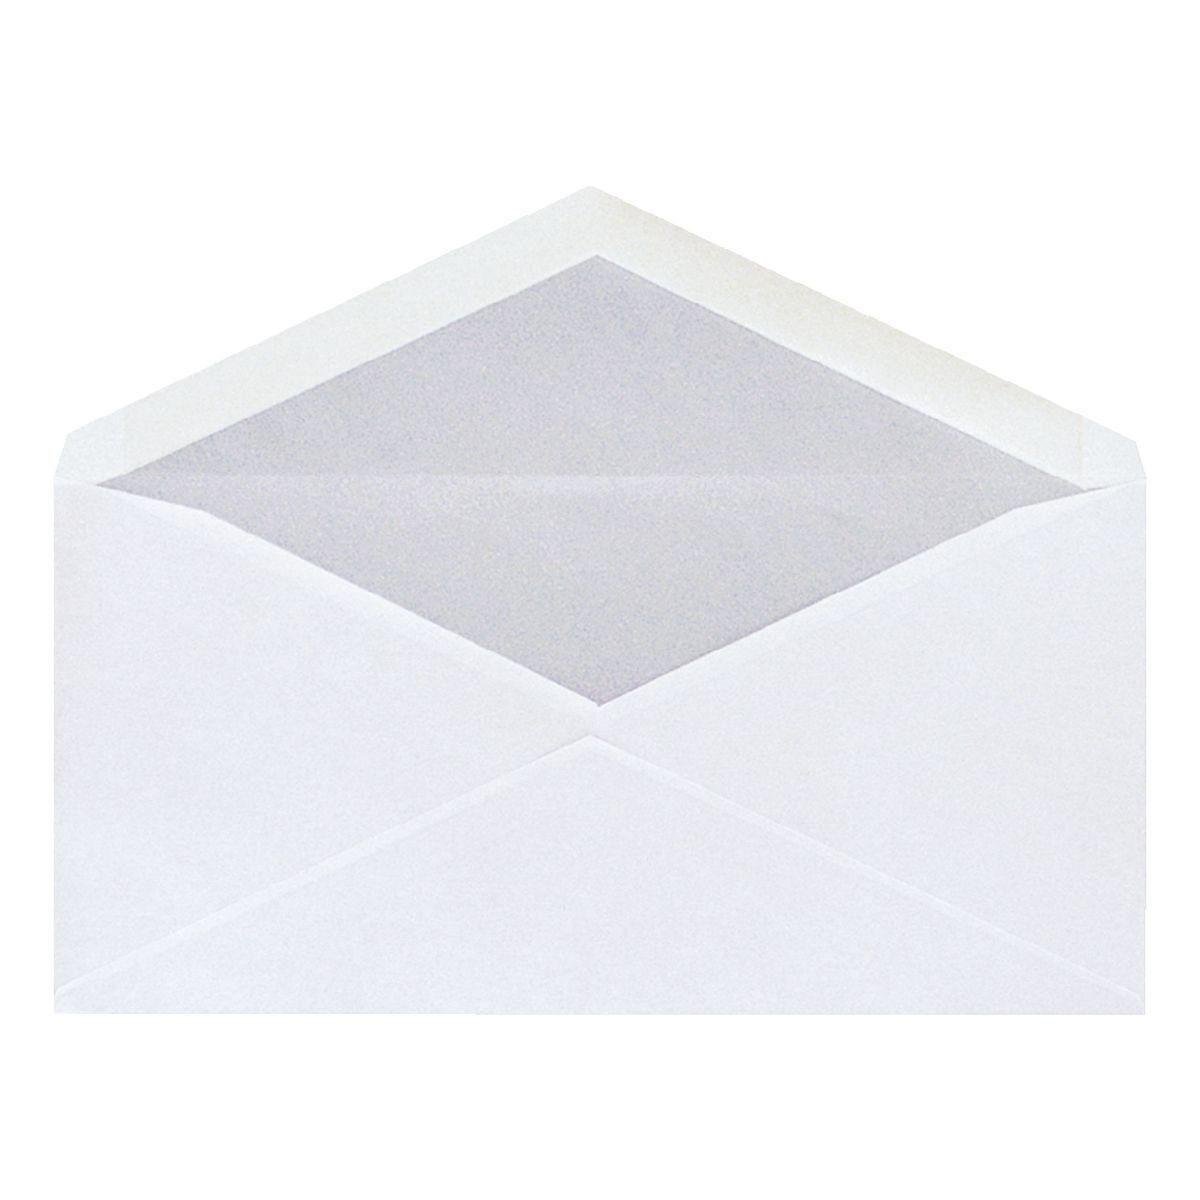 Mailmedia Briefumschläge DL ohne Fenster mit Nassklebung